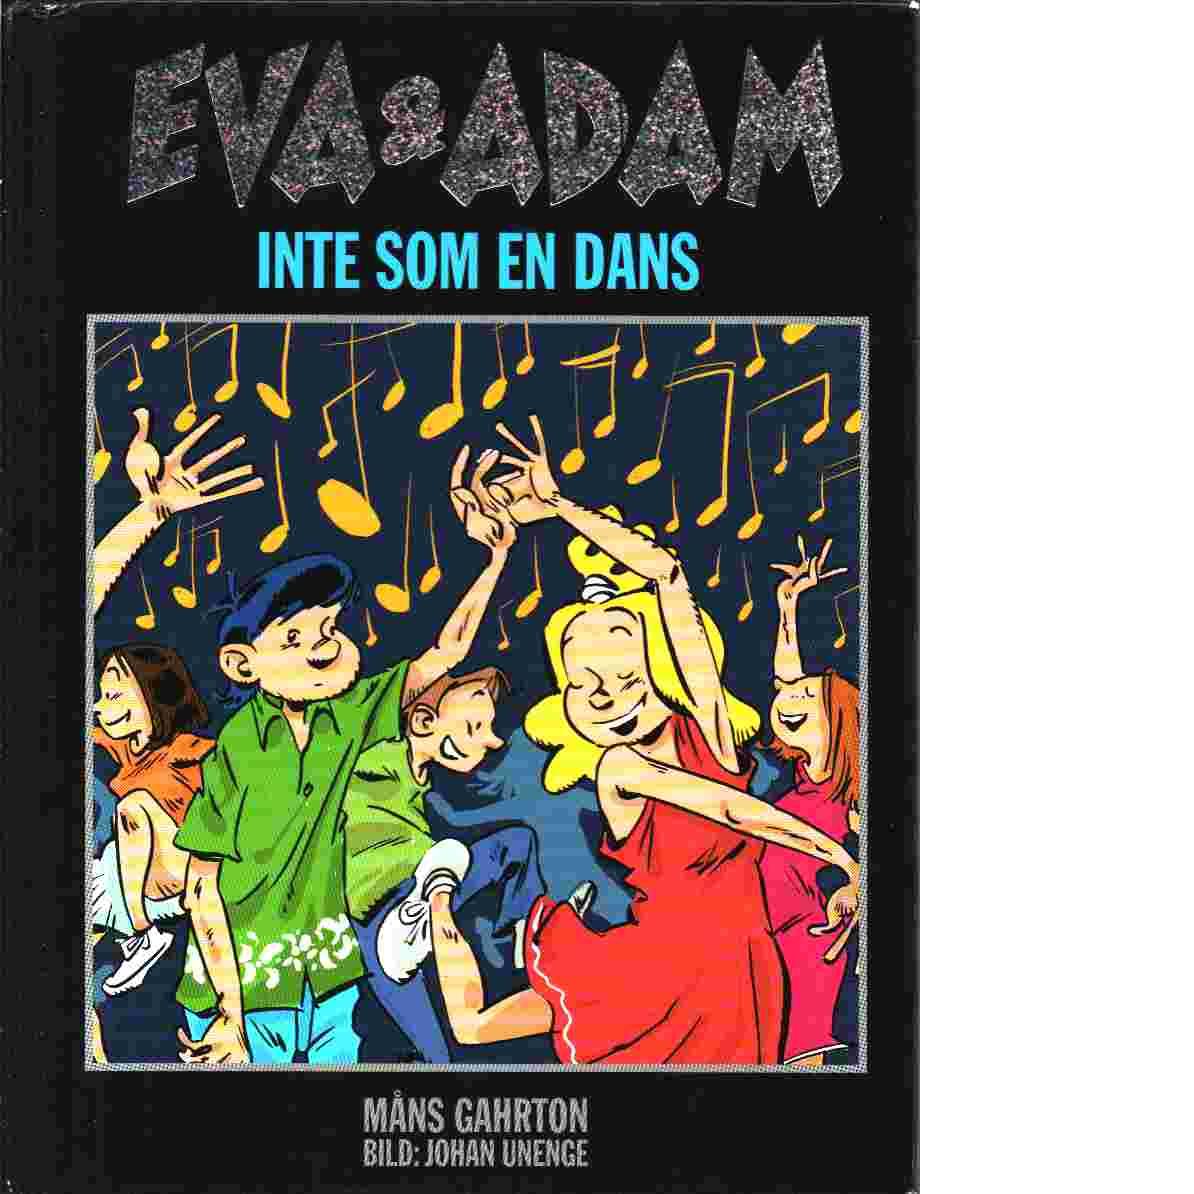 Eva och Adam : Inte som en dans - Gahrton, Måns